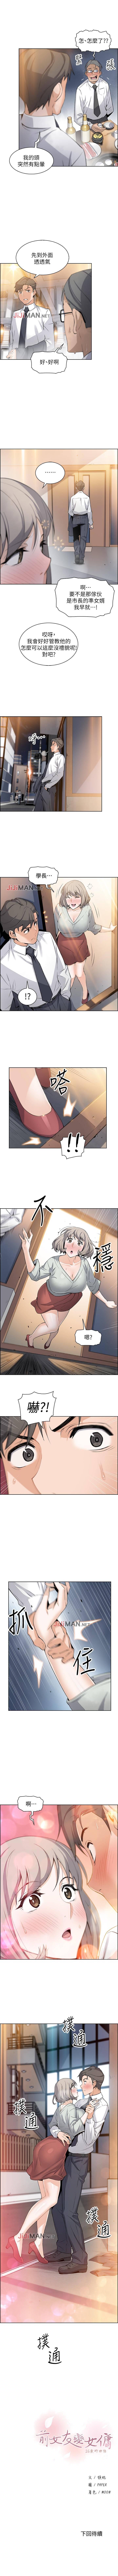 【周四连载】前女友变女佣(作者:PAPER&頸枕) 第1~33话 116